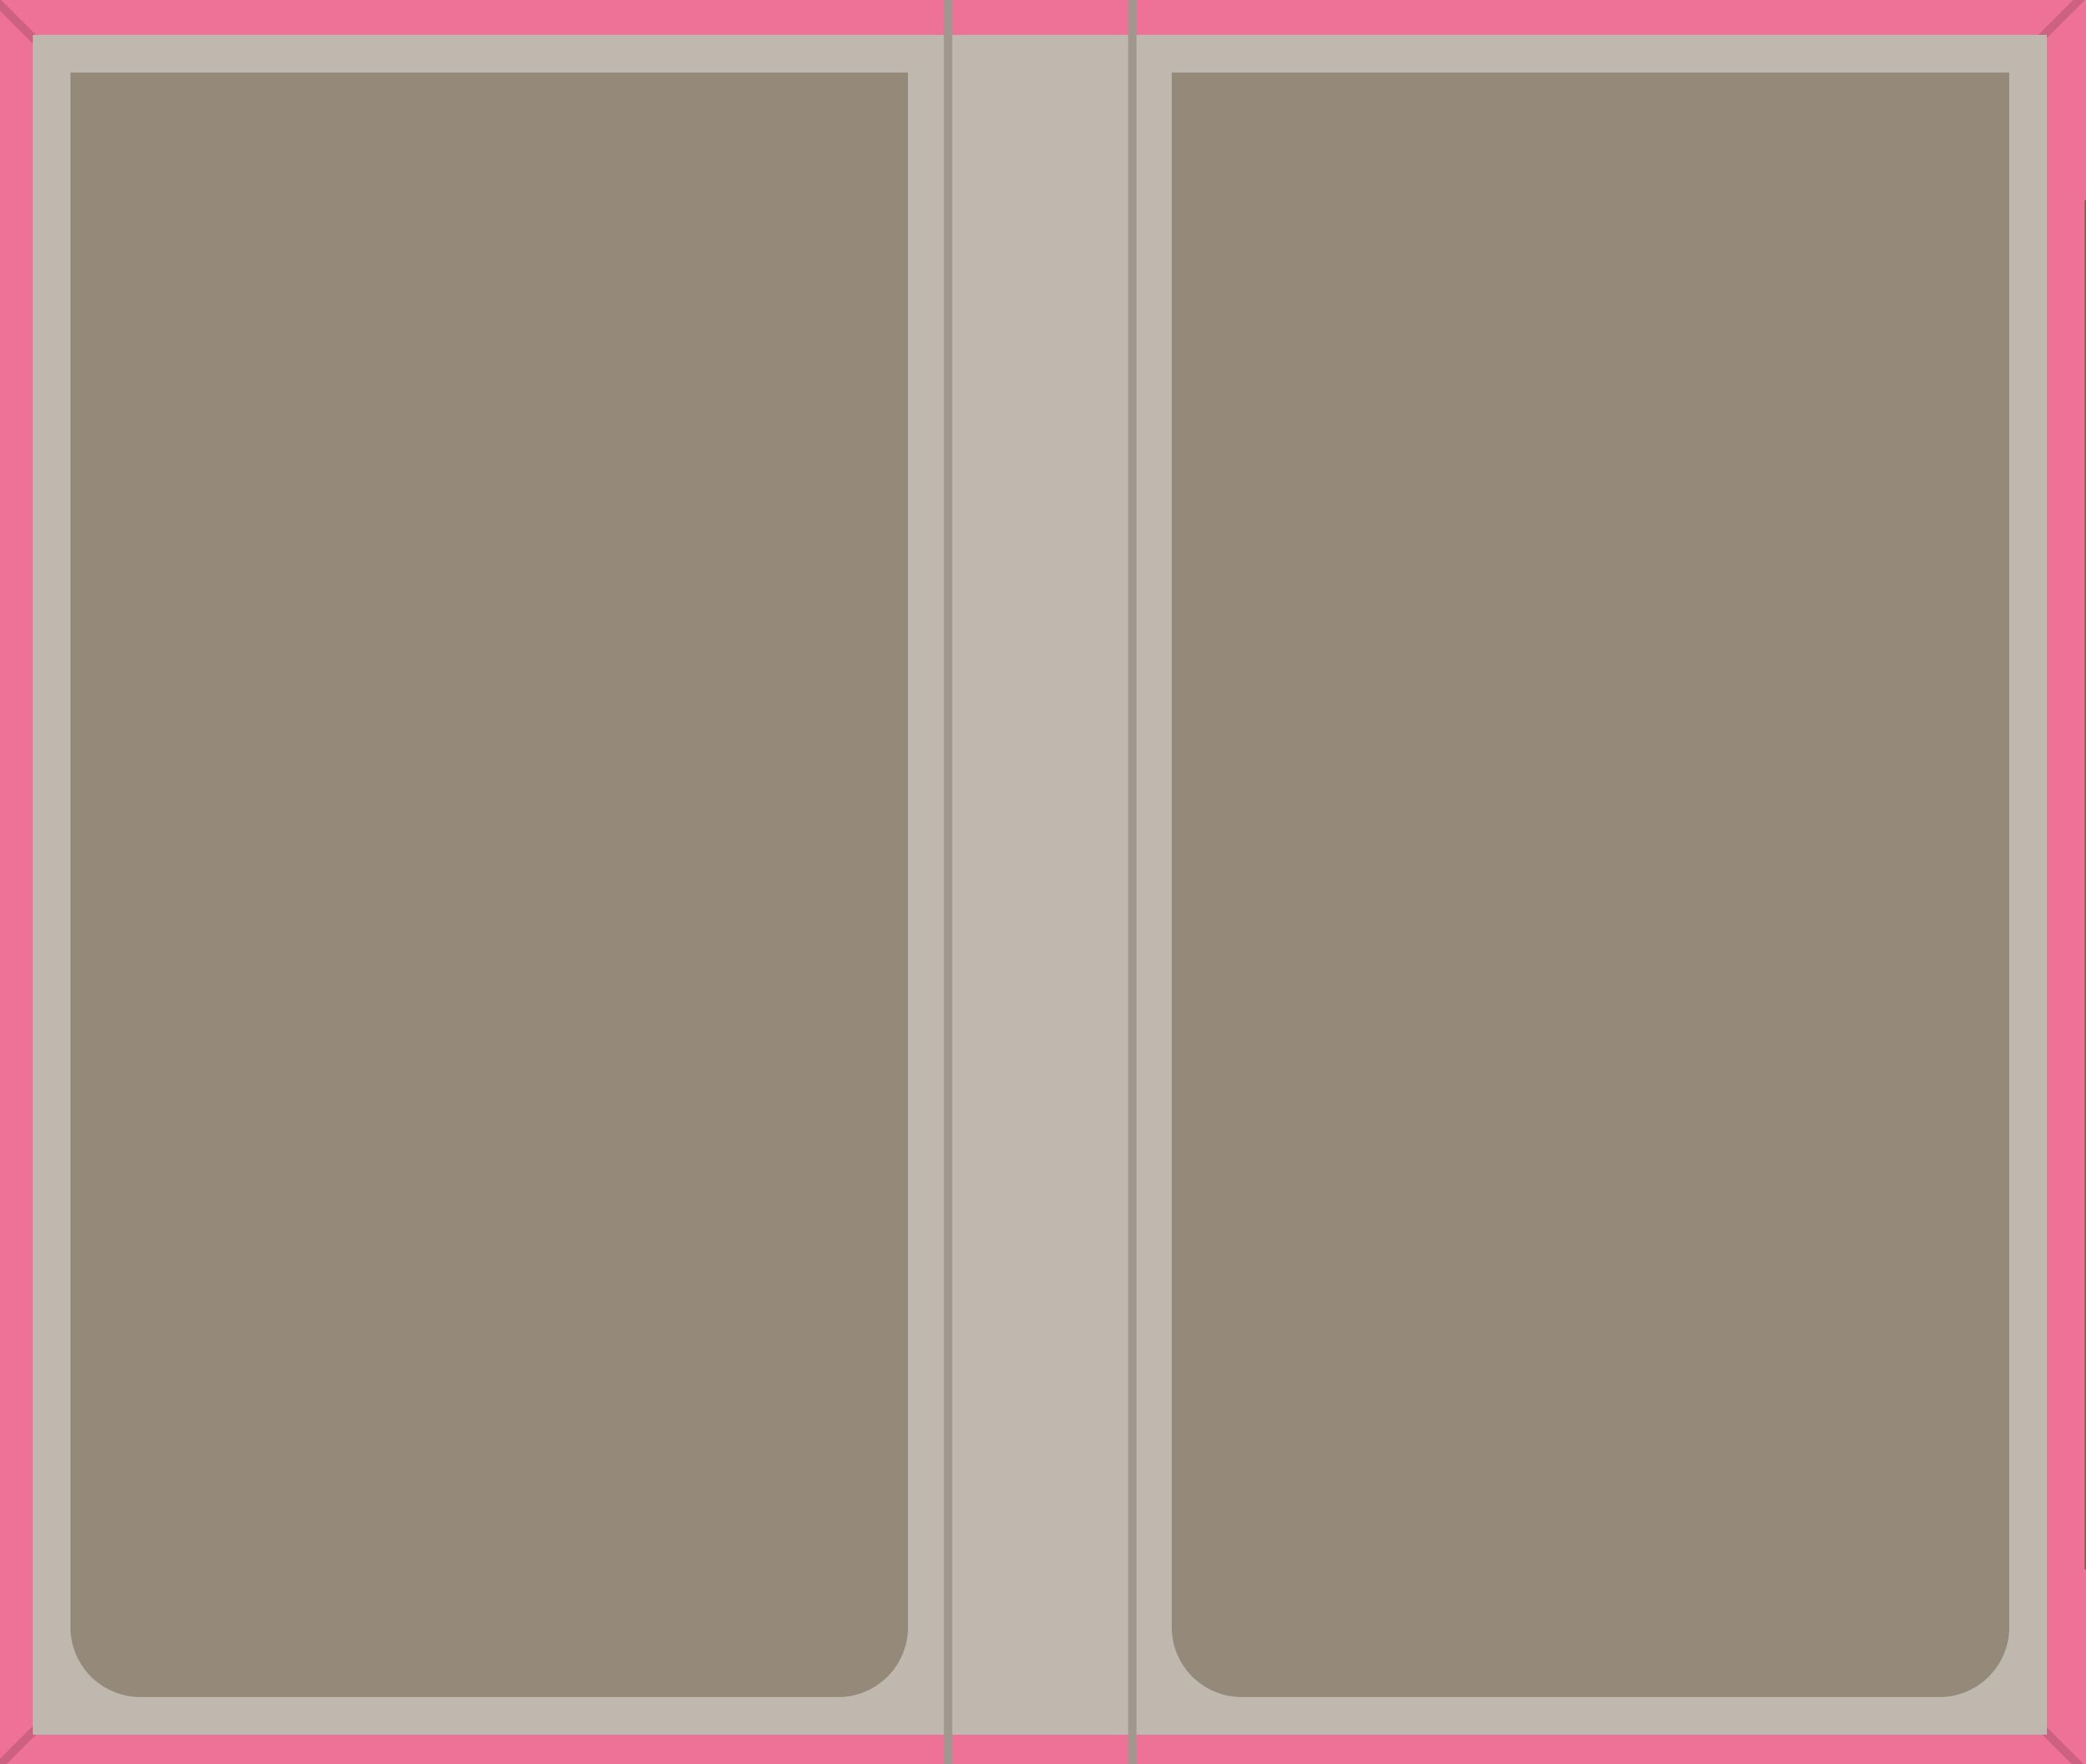 mini album1-006.jpg